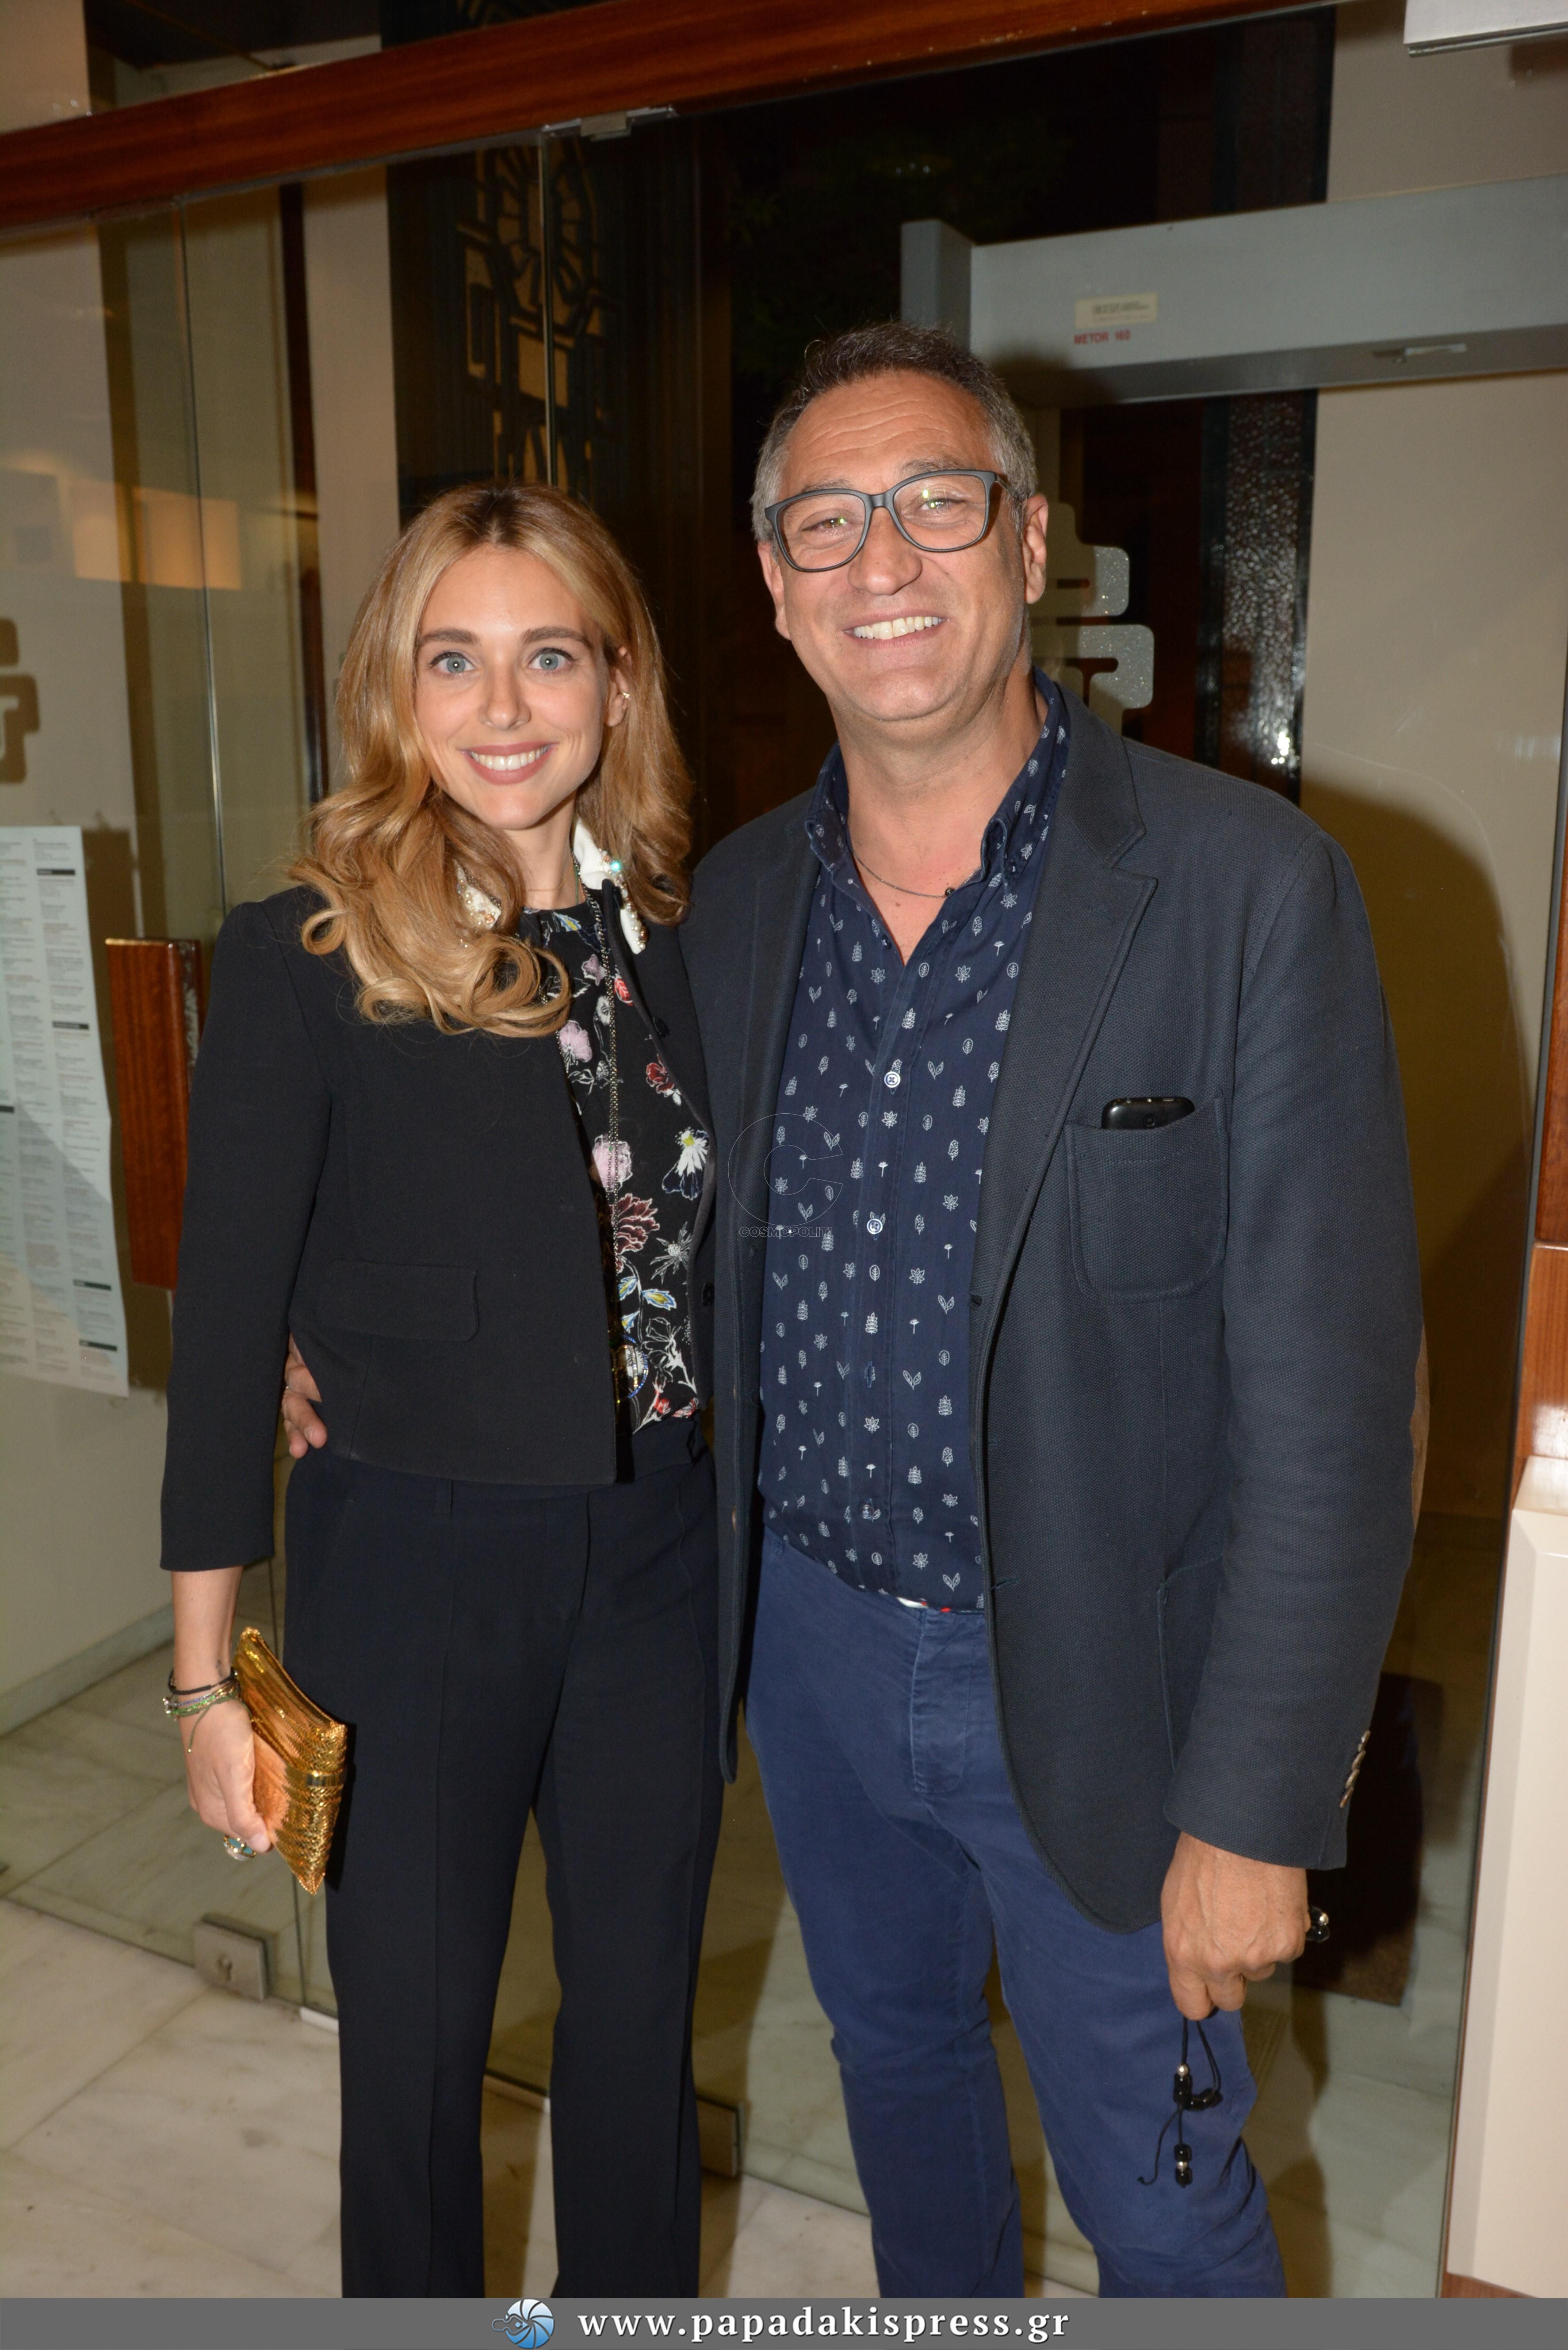 Μαριάννα Γουλανδρή - Λαιμού & Γιώργος Ντάβλας